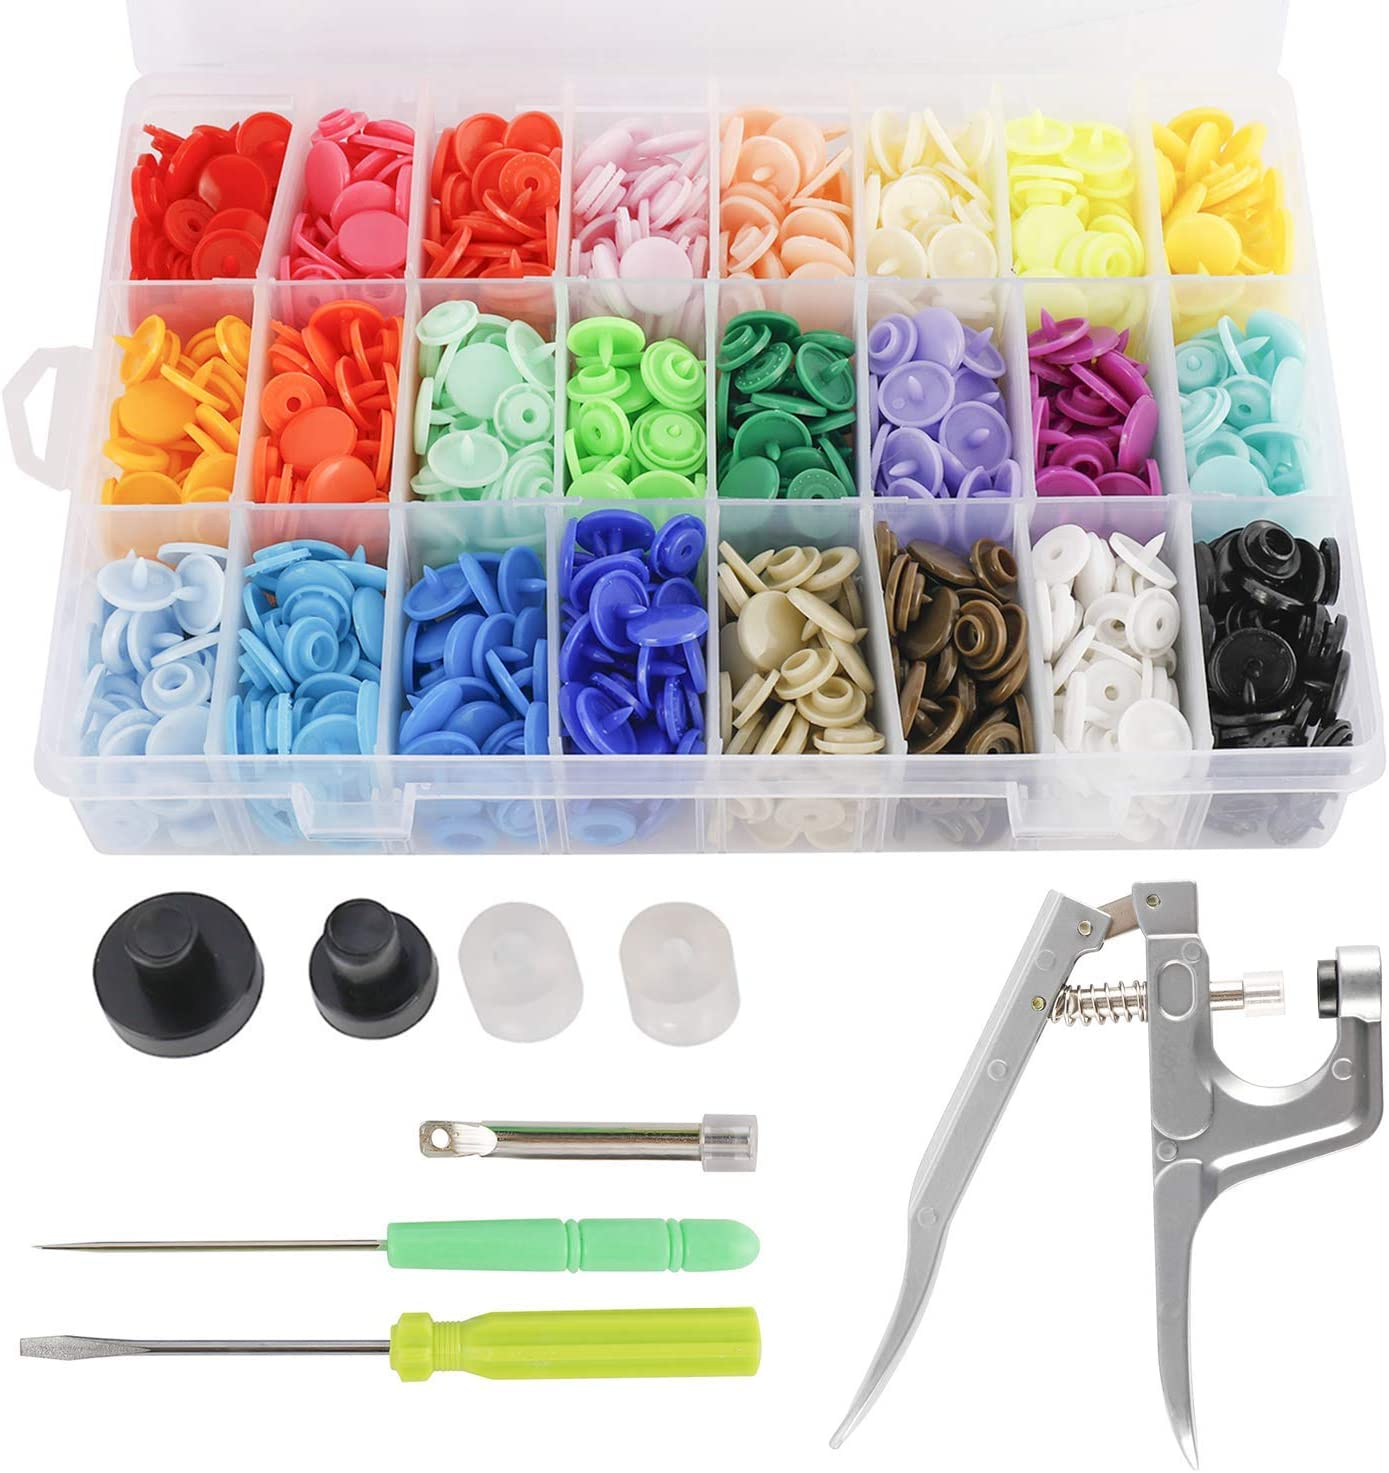 24 Colors YaeCCC 360pcs 12mm Snaps Plastic Button with Snap Press Plier